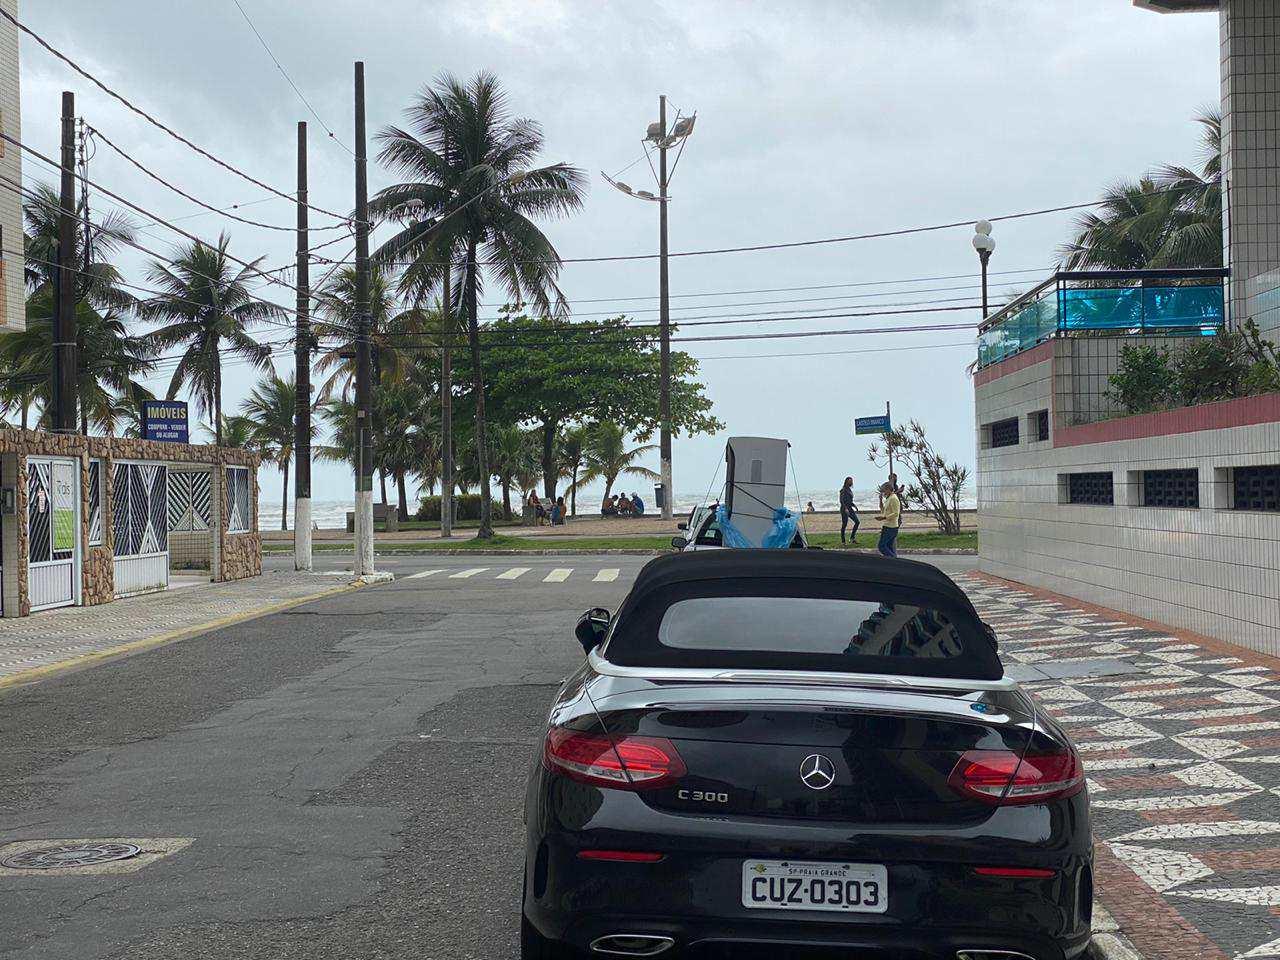 Kitnet, Tupi, Praia Grande - R$ 120 mil, Cod: 5808